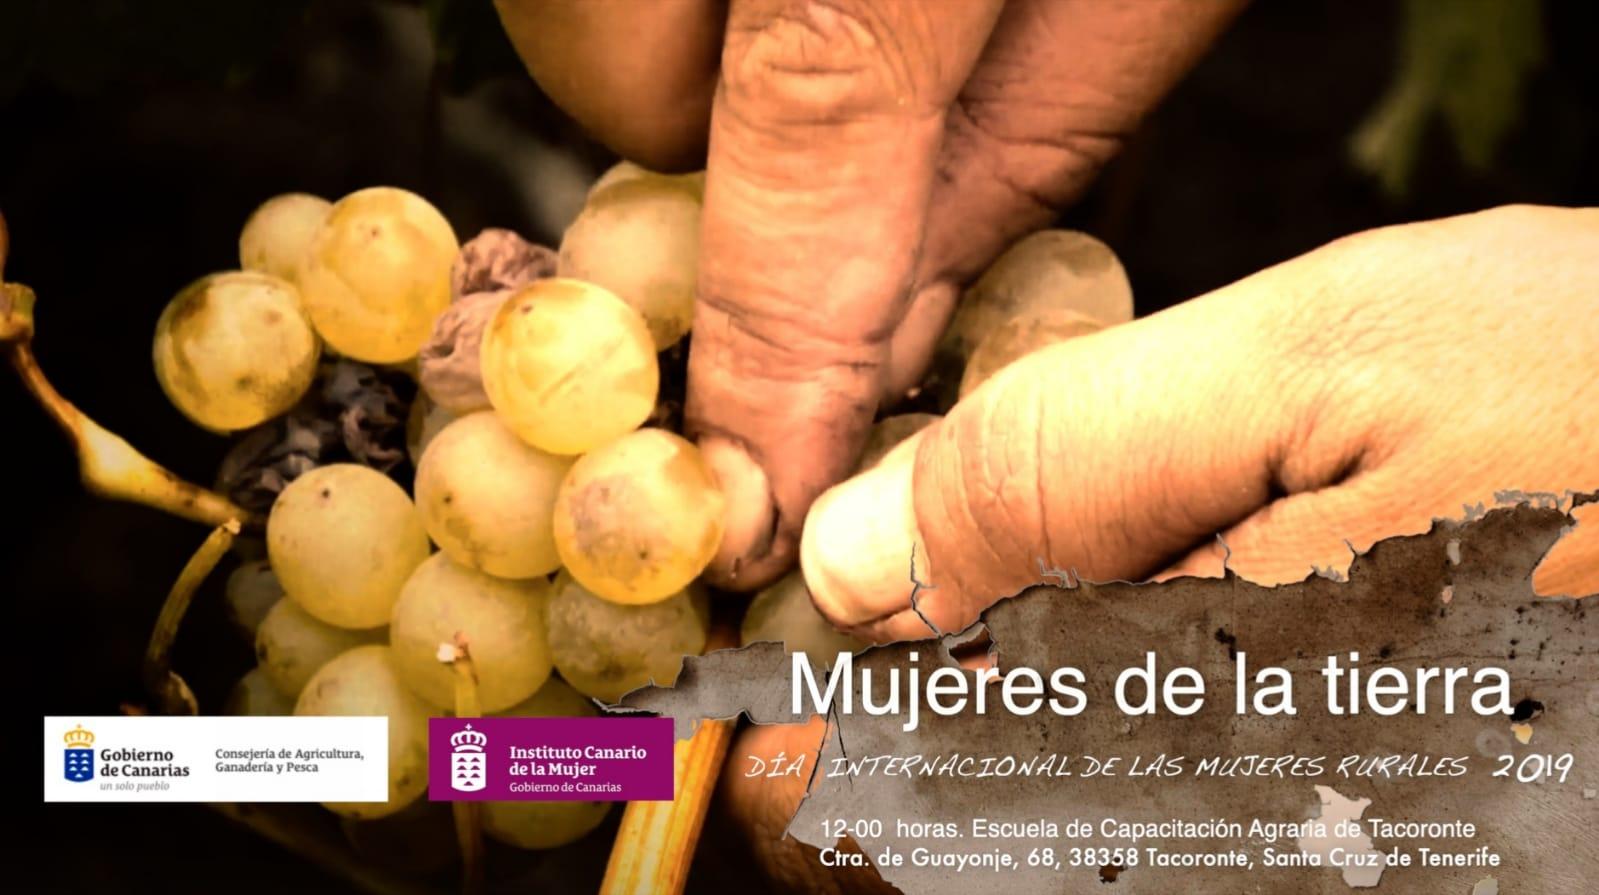 Canarias celebra el Día de la Mujer Rural con el lema 'Mujeres de la Tierra'